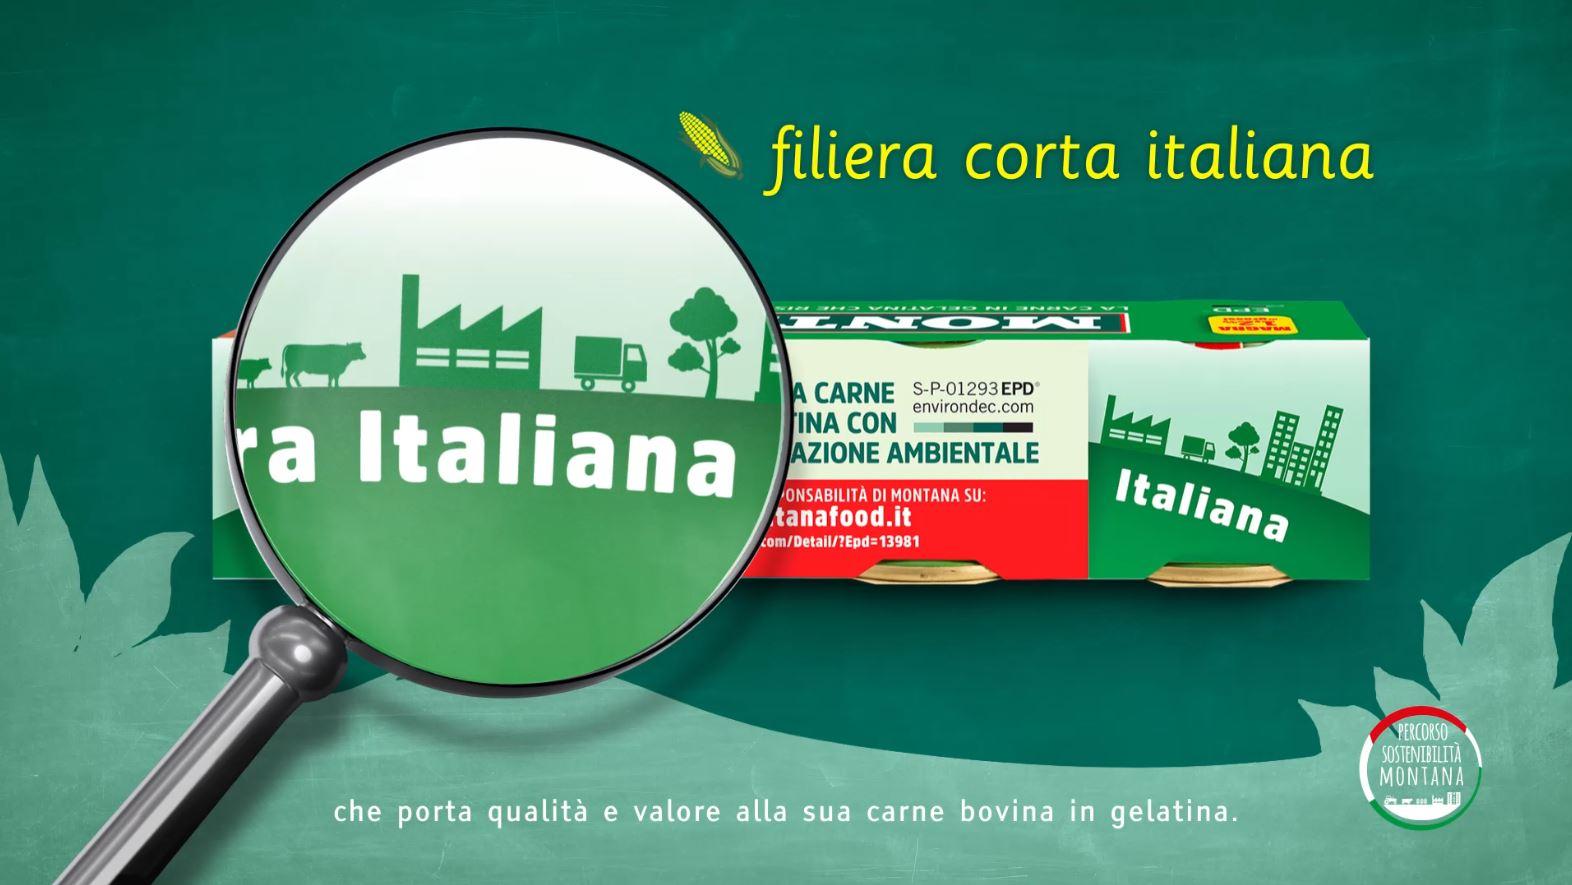 Montana-Filiera-Corta-Italiana